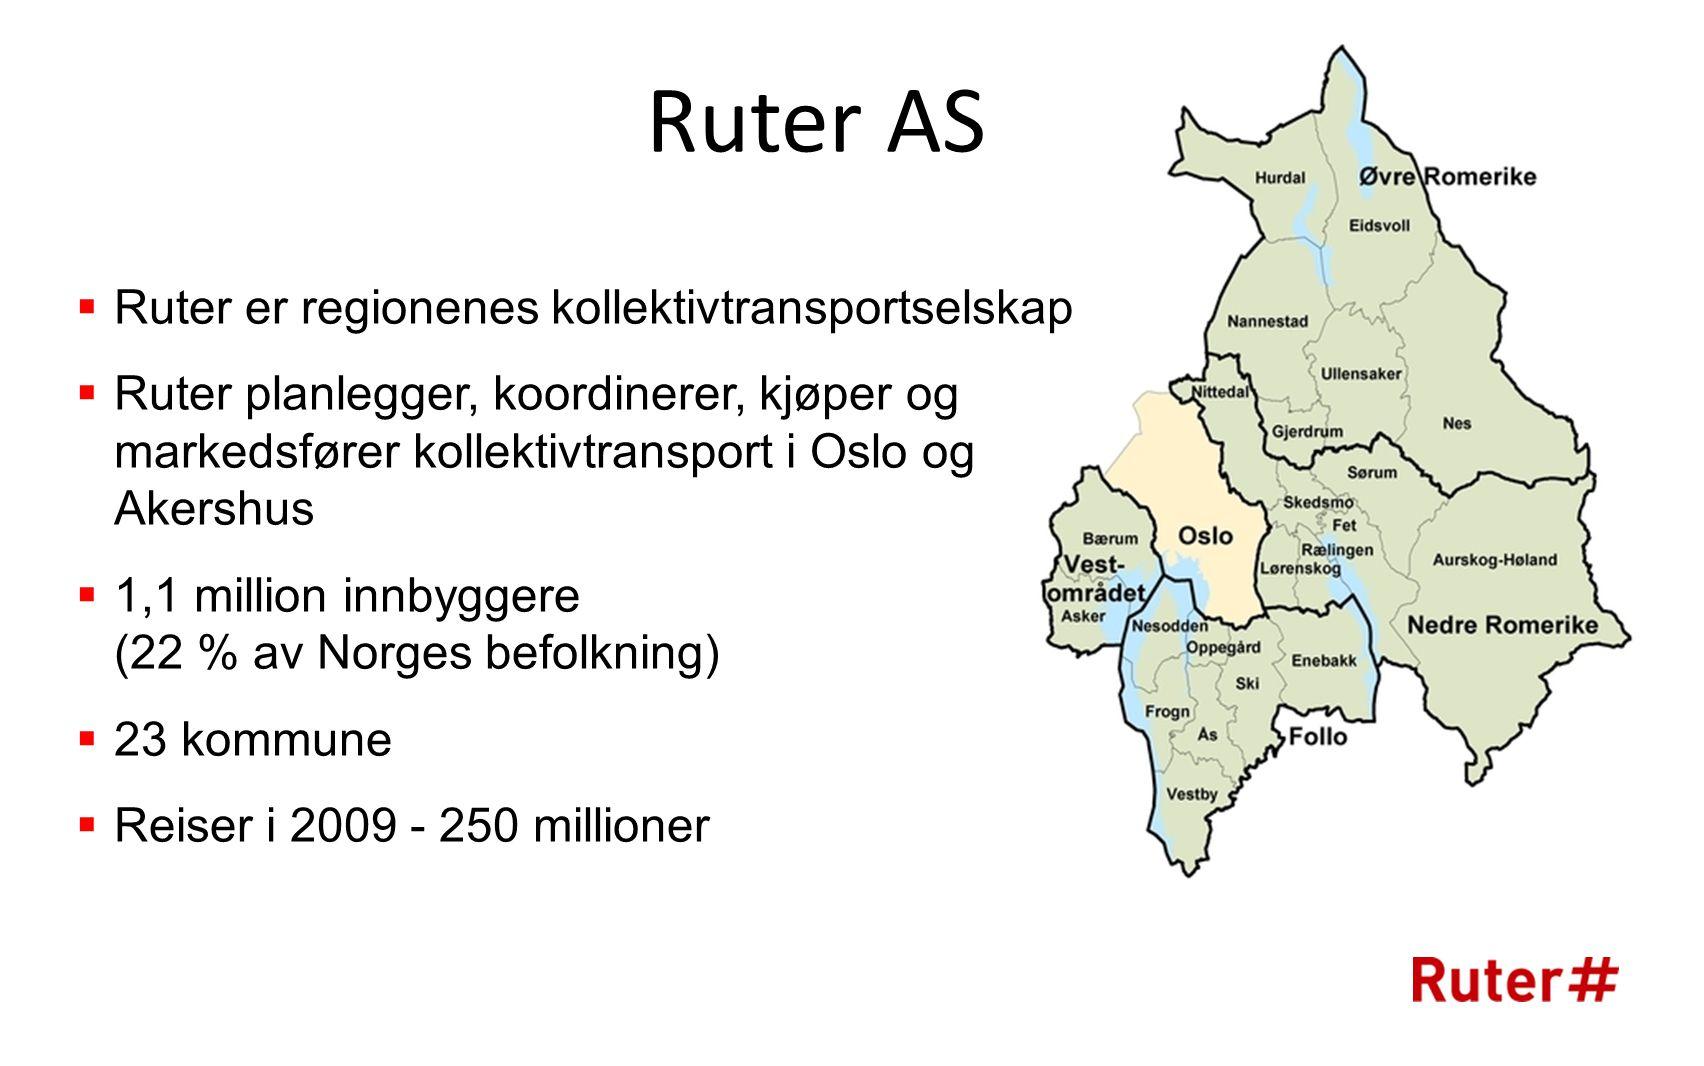 Ruter AS  Ruter er regionenes kollektivtransportselskap  Ruter planlegger, koordinerer, kjøper og markedsfører kollektivtransport i Oslo og Akershus  1,1 million innbyggere (22 % av Norges befolkning)  23 kommune  Reiser i 2009 - 250 millioner